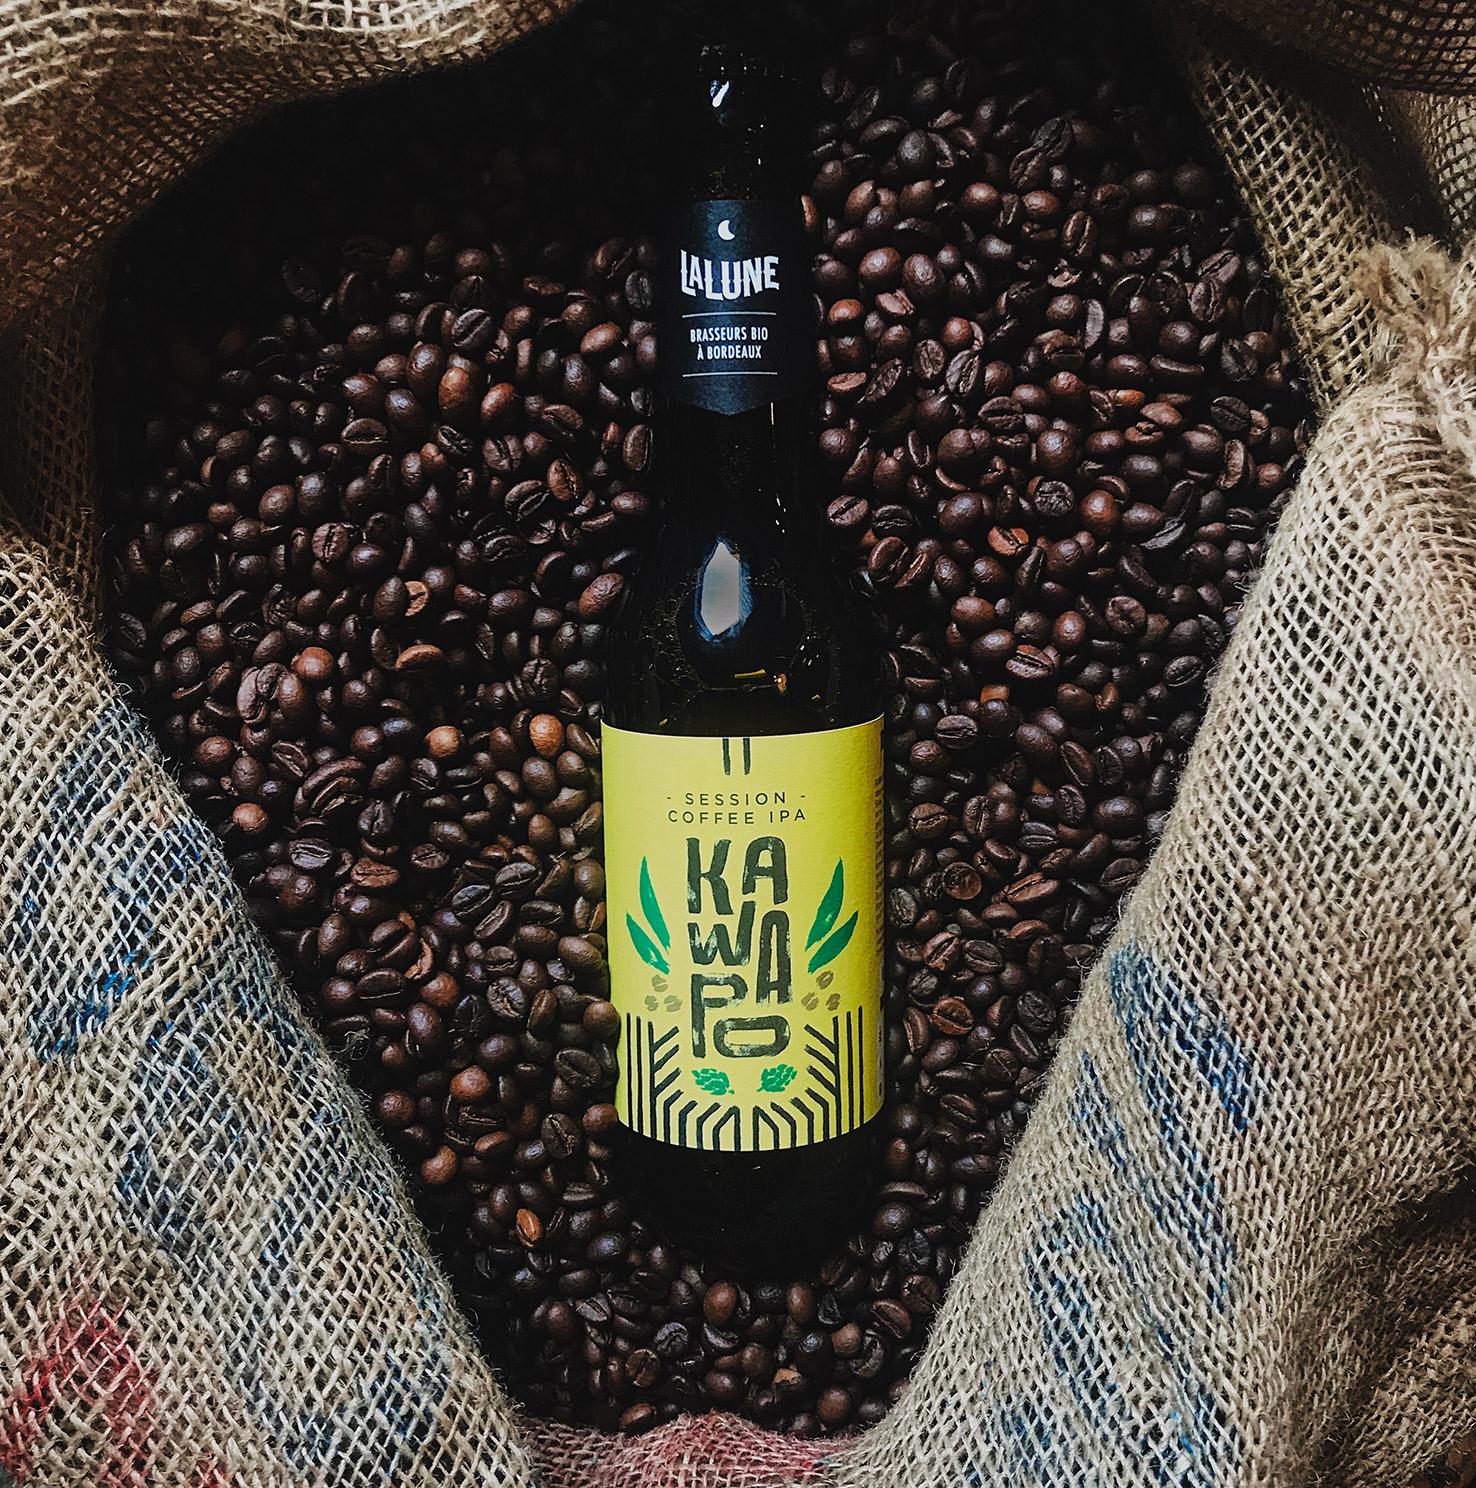 kawapo-bière-café